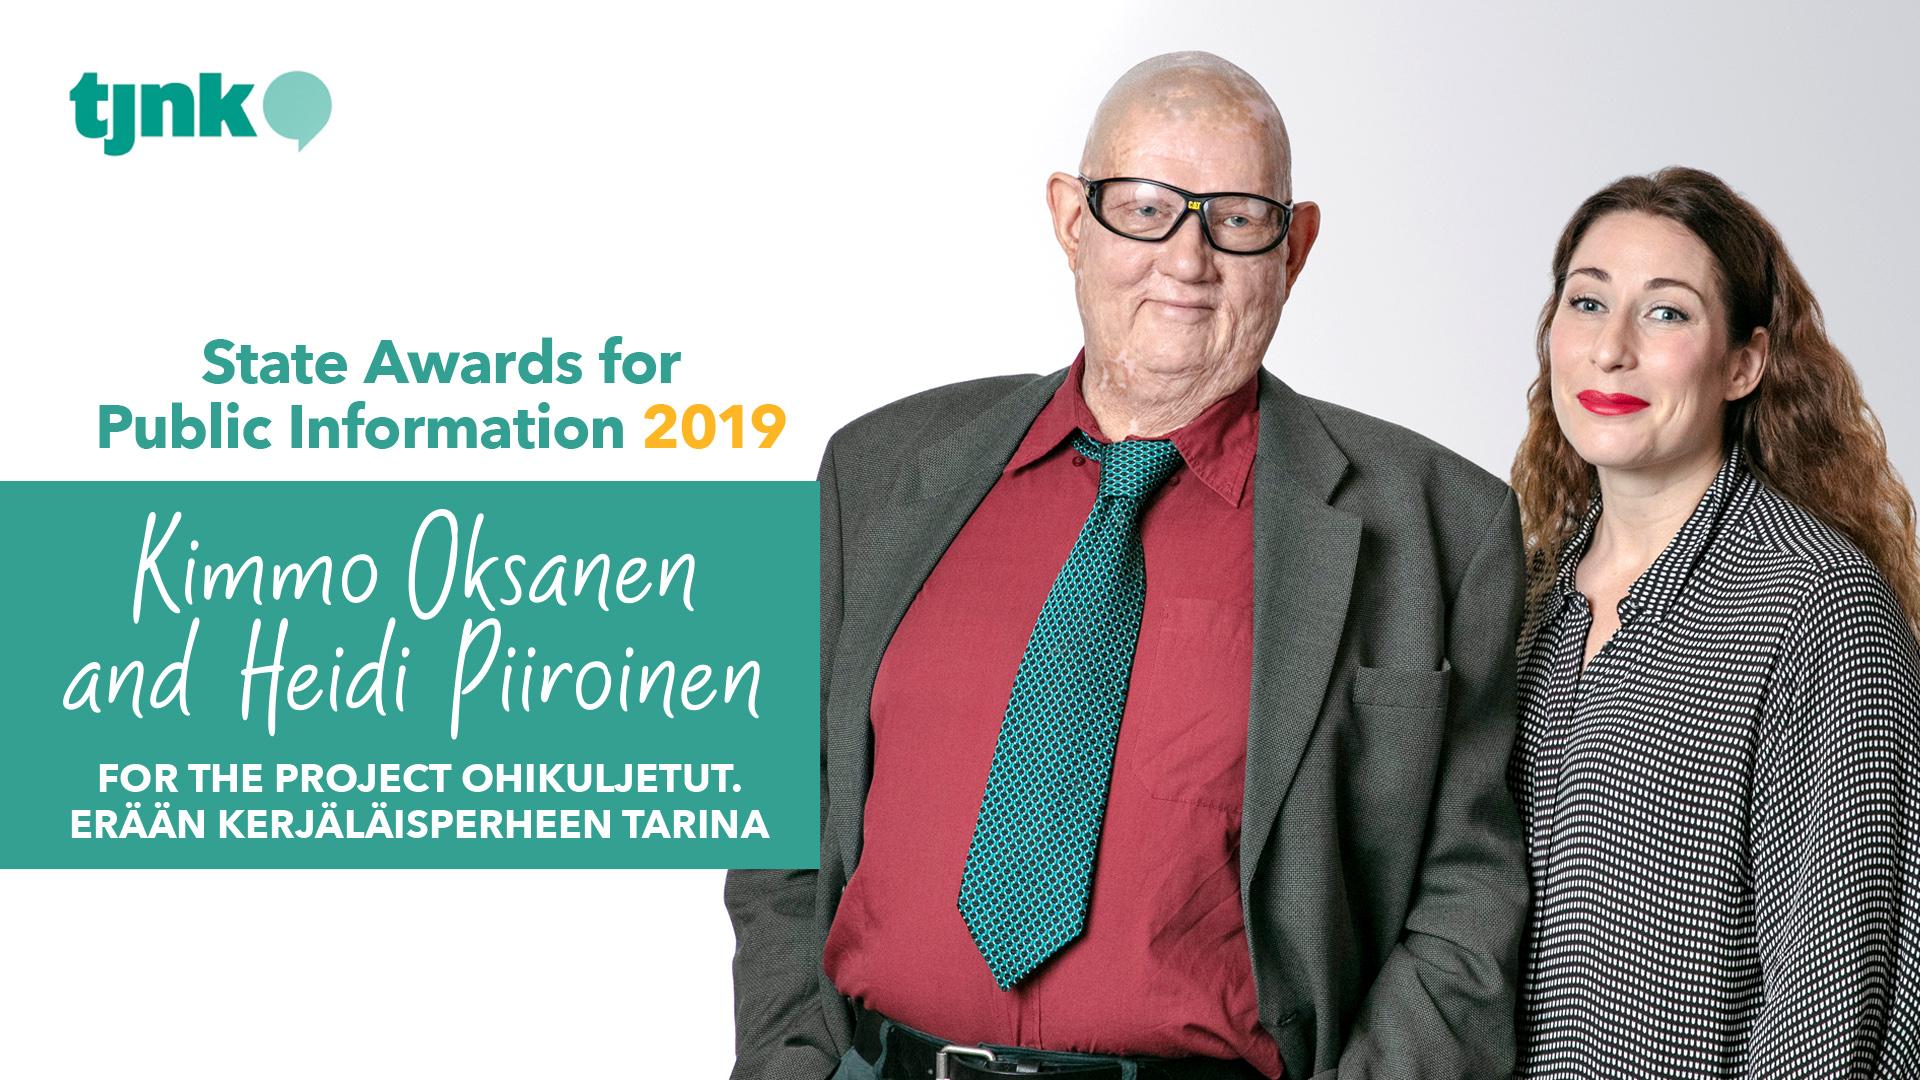 Kimmo Oksanen and Heidi Piiroinen